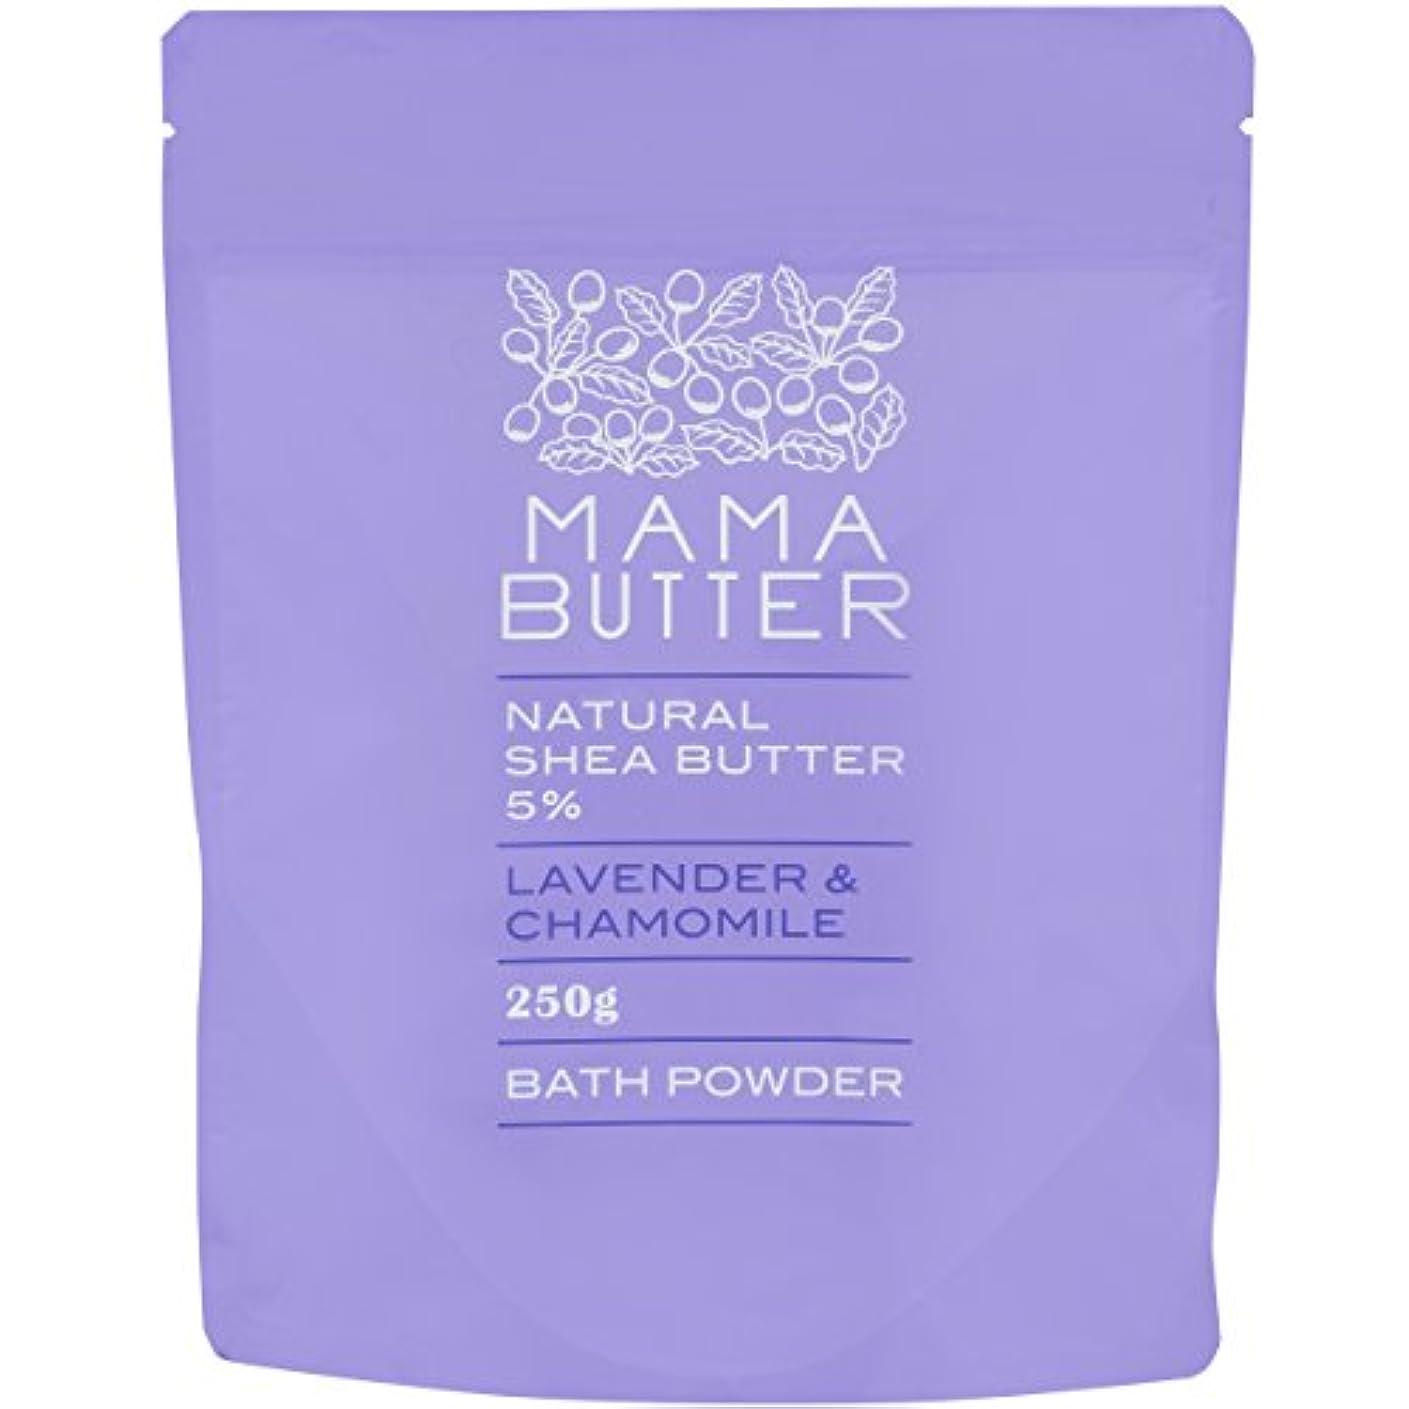 はしご僕の有望ママバター ナチュラル バスパウダー ラベンダー&カモミールの香り 250g